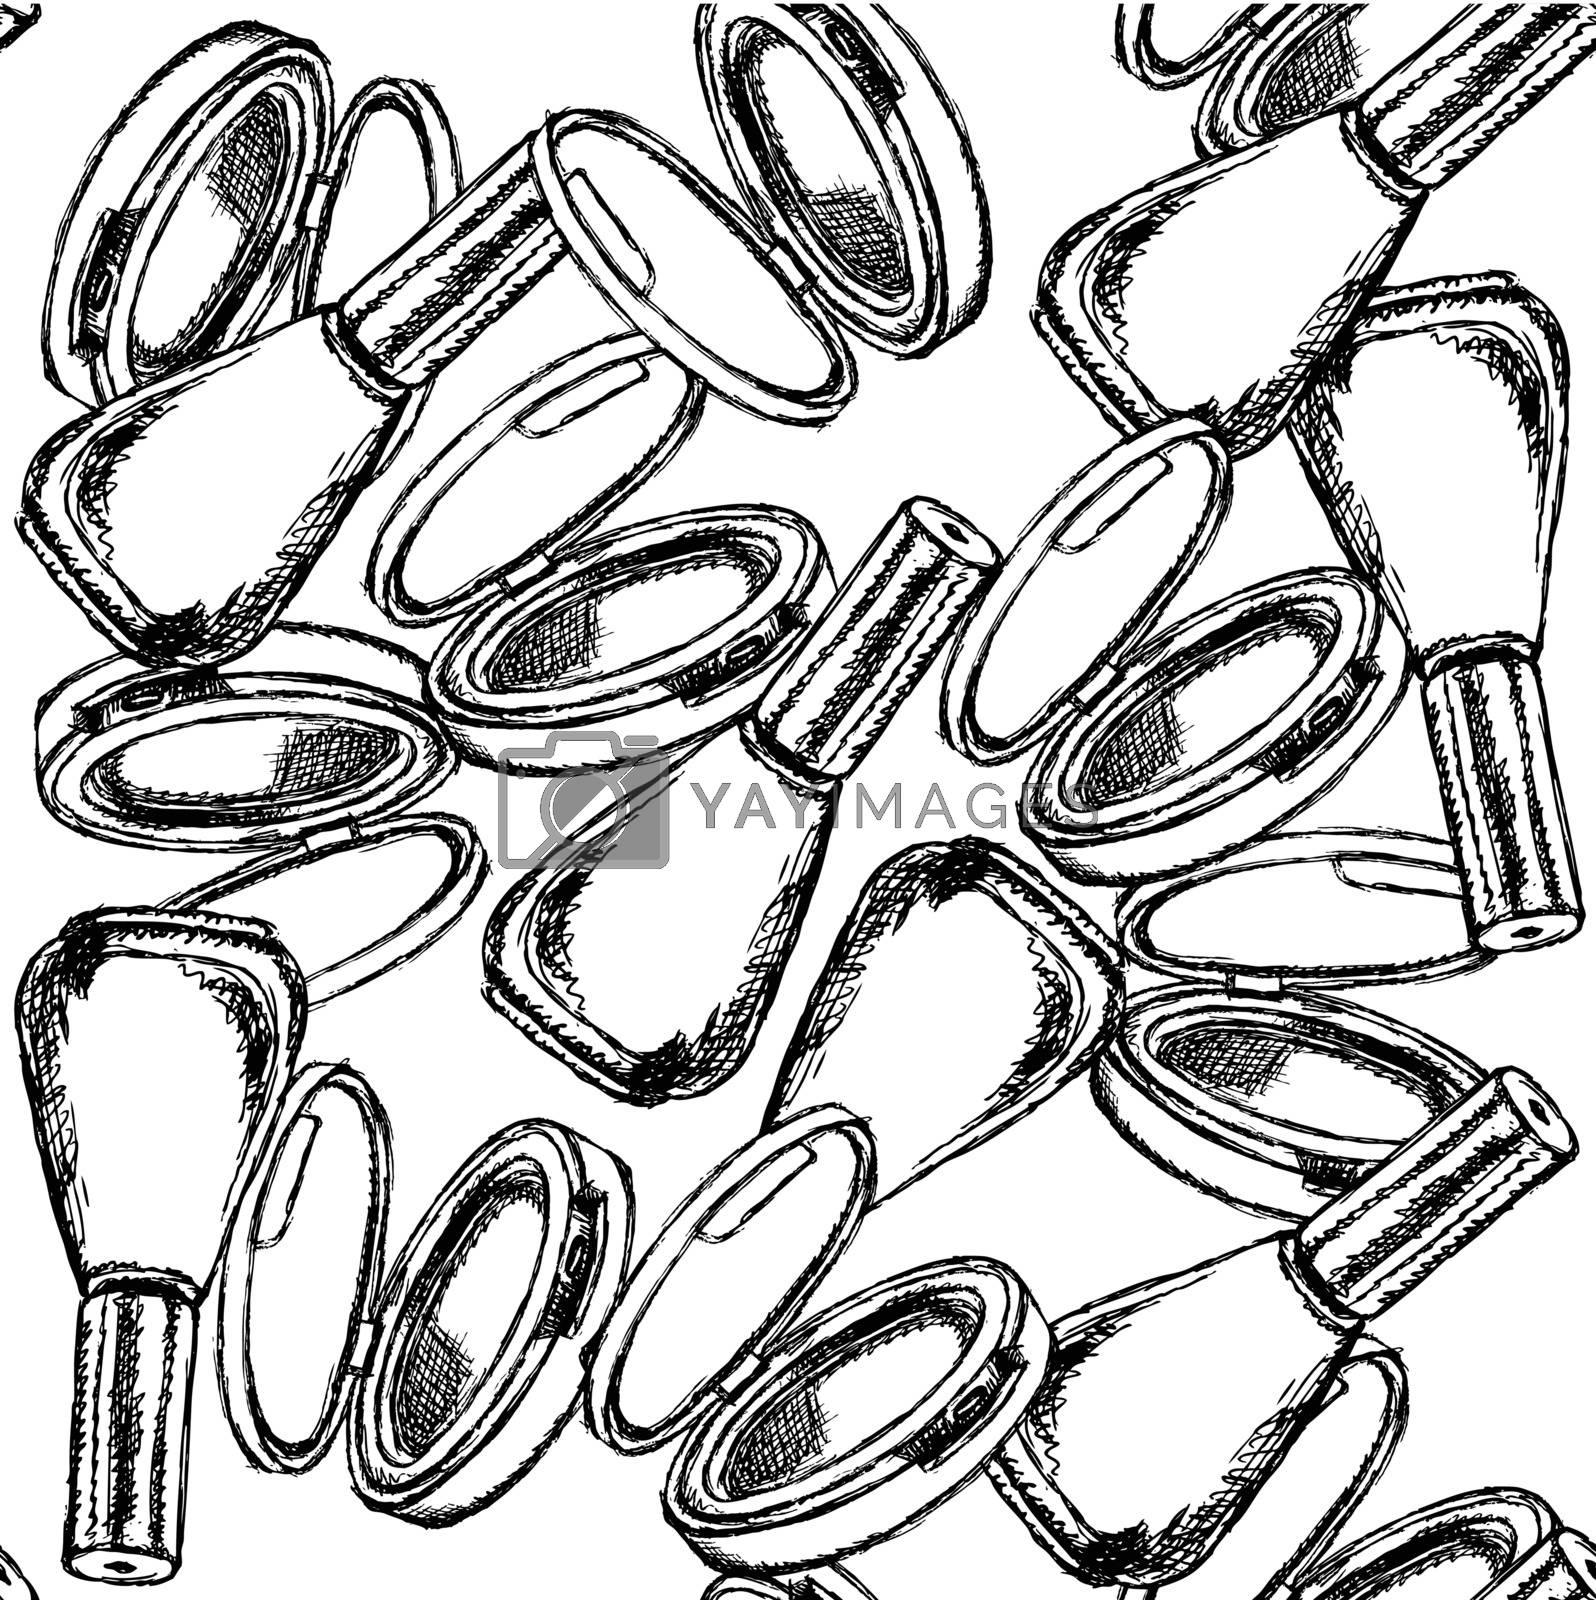 Sketch powder compact and nail polish by KaLi